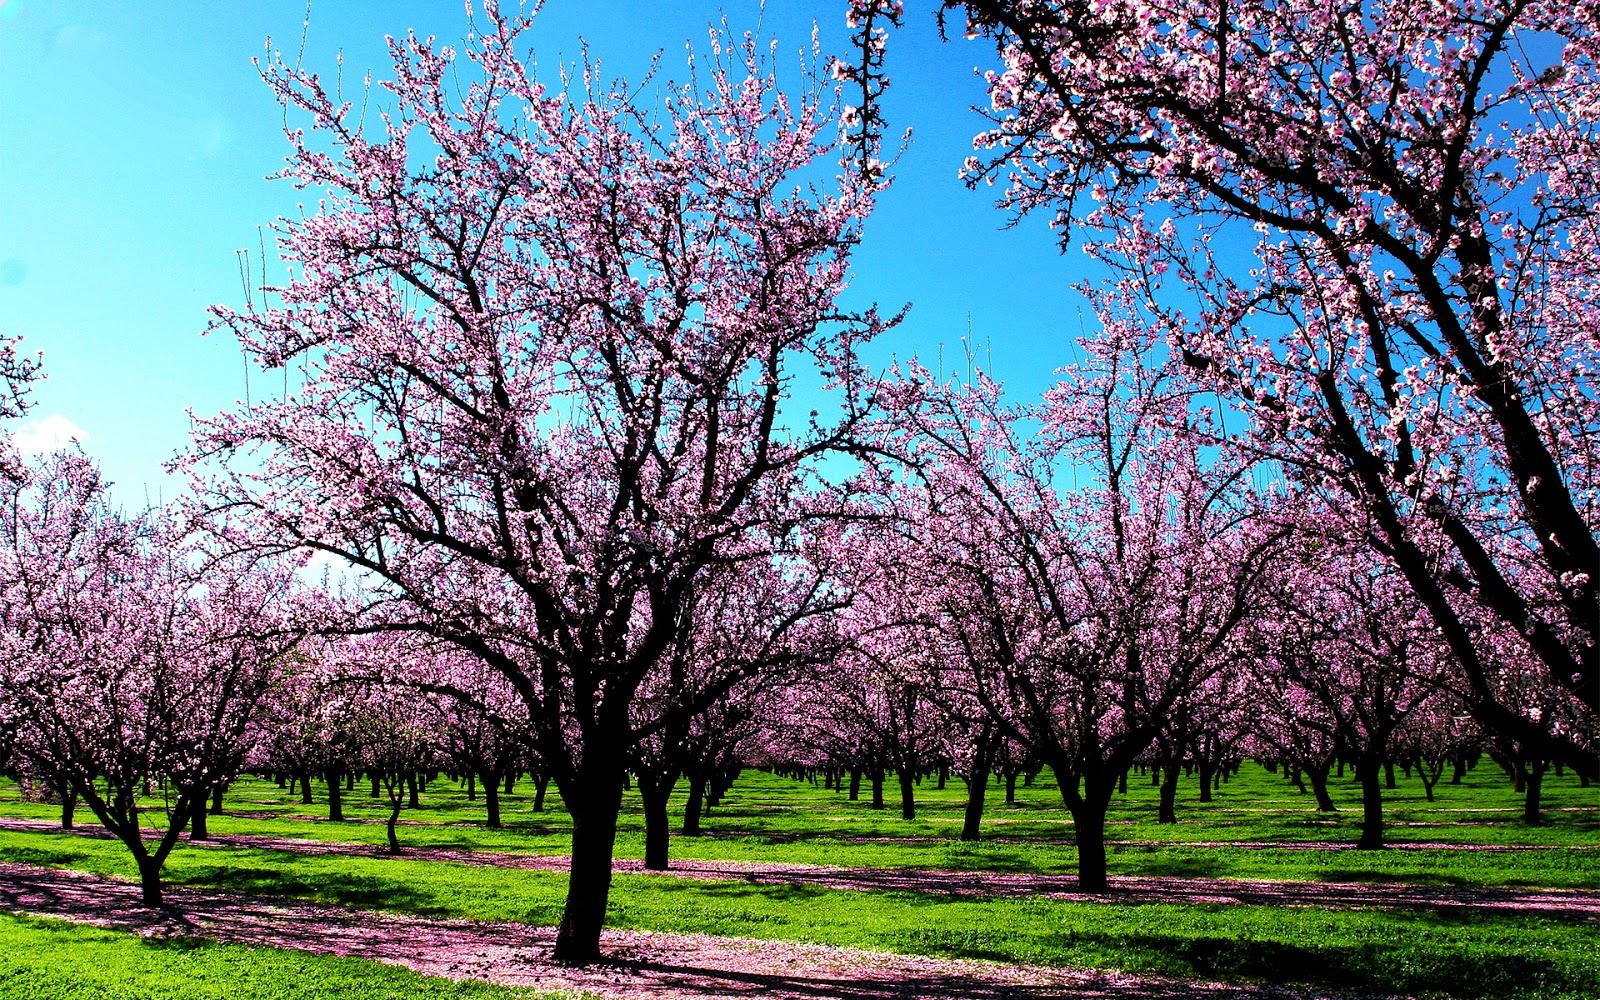 Ese apo hartim për pranverën